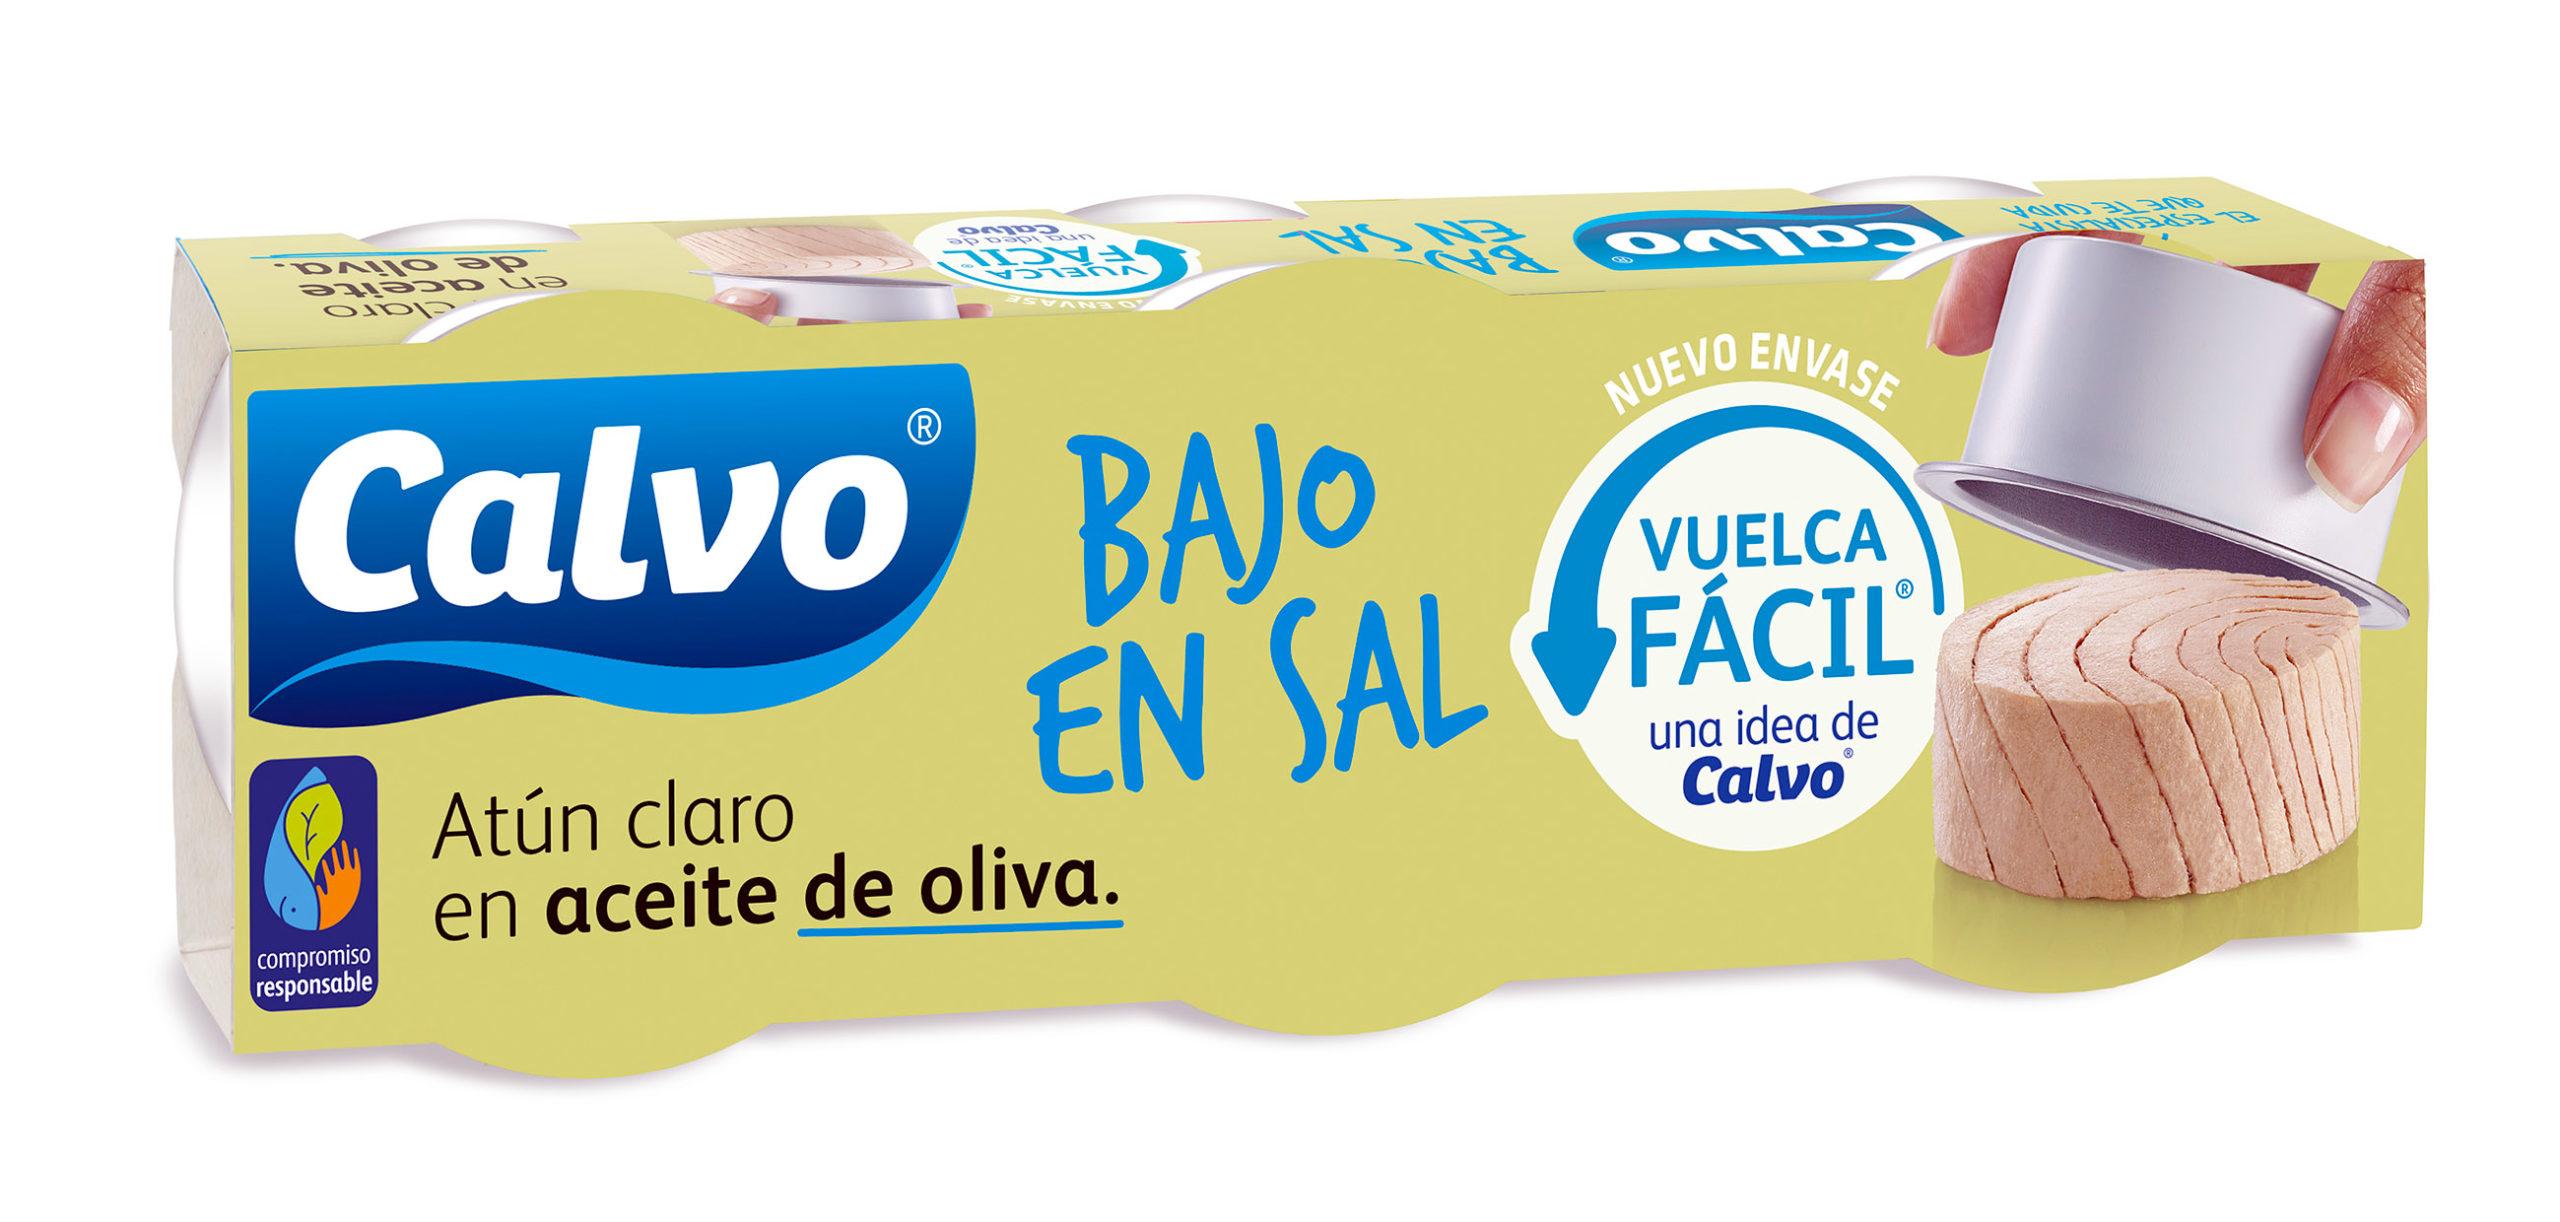 'Vuelca Fácil', el nuevo envasado de Conservas Calvo